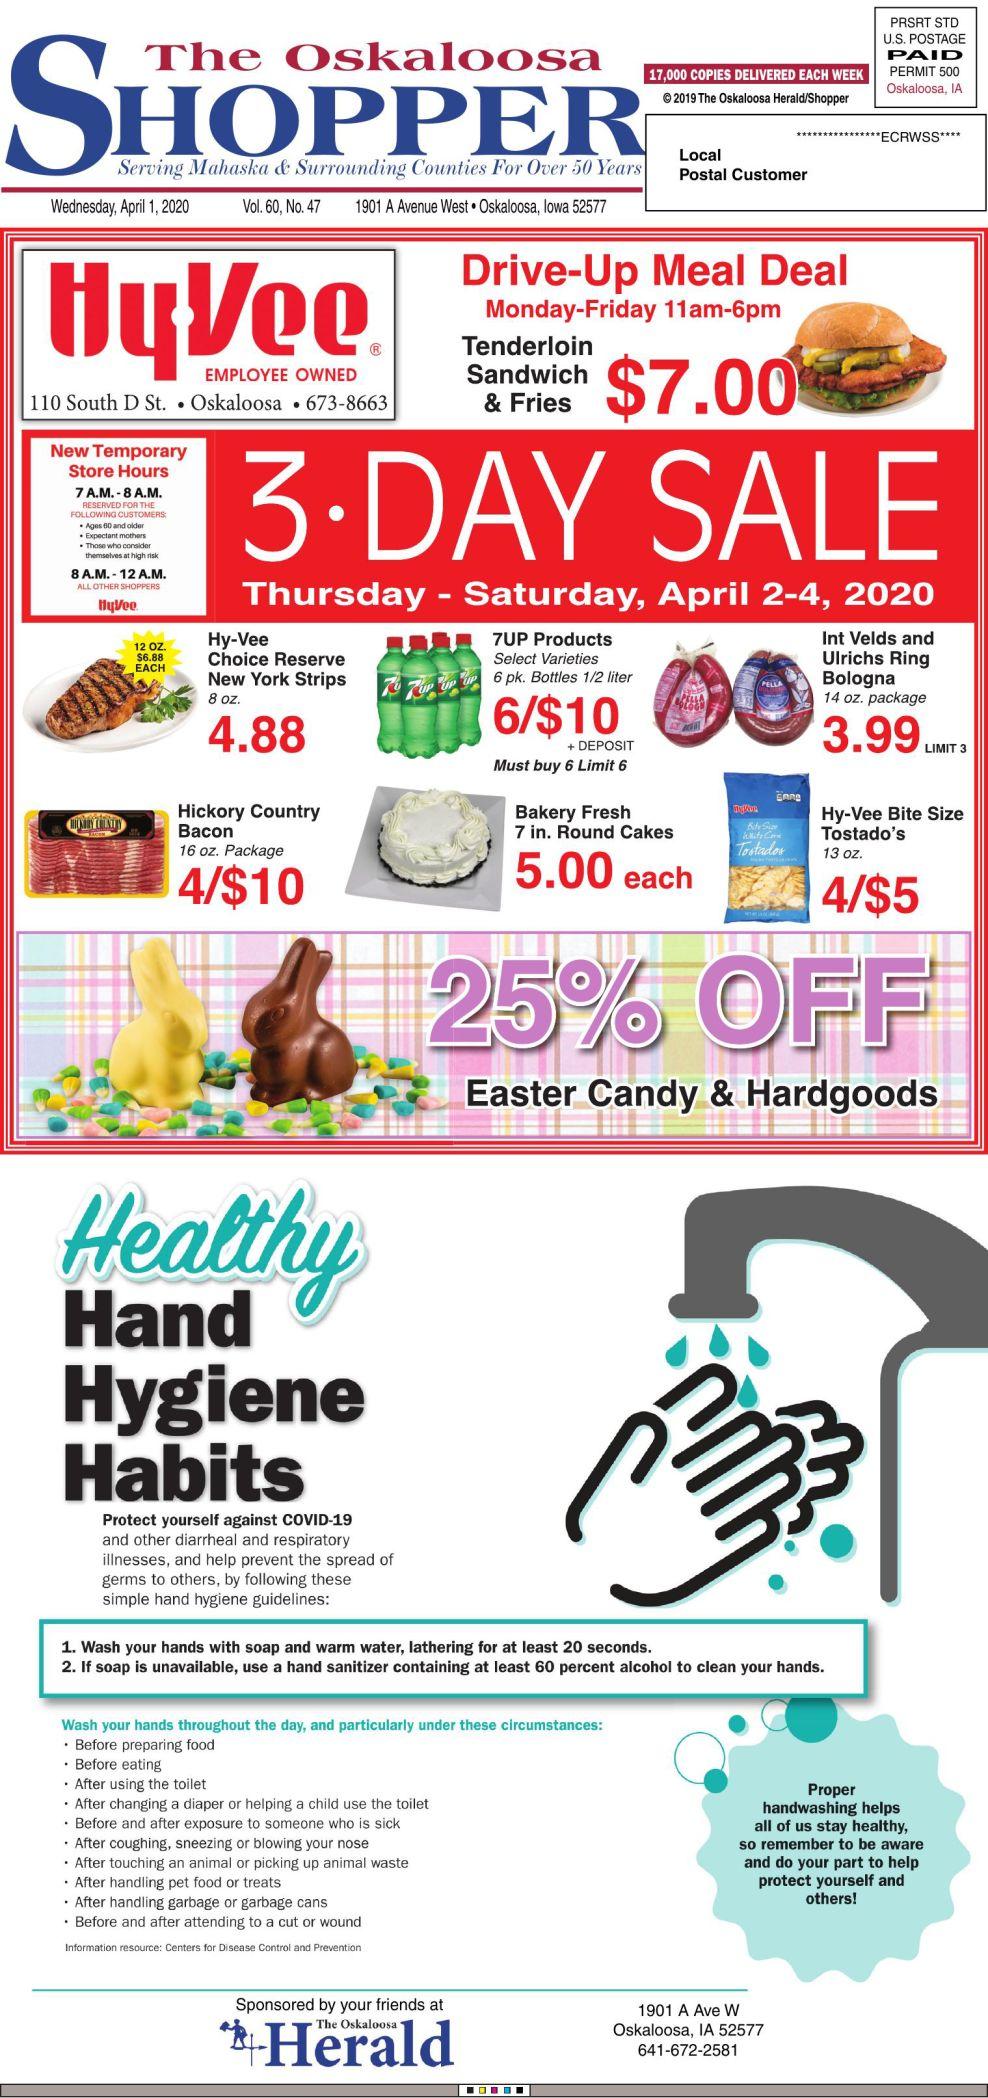 Oskaloosa Shopper week of 4/1/20